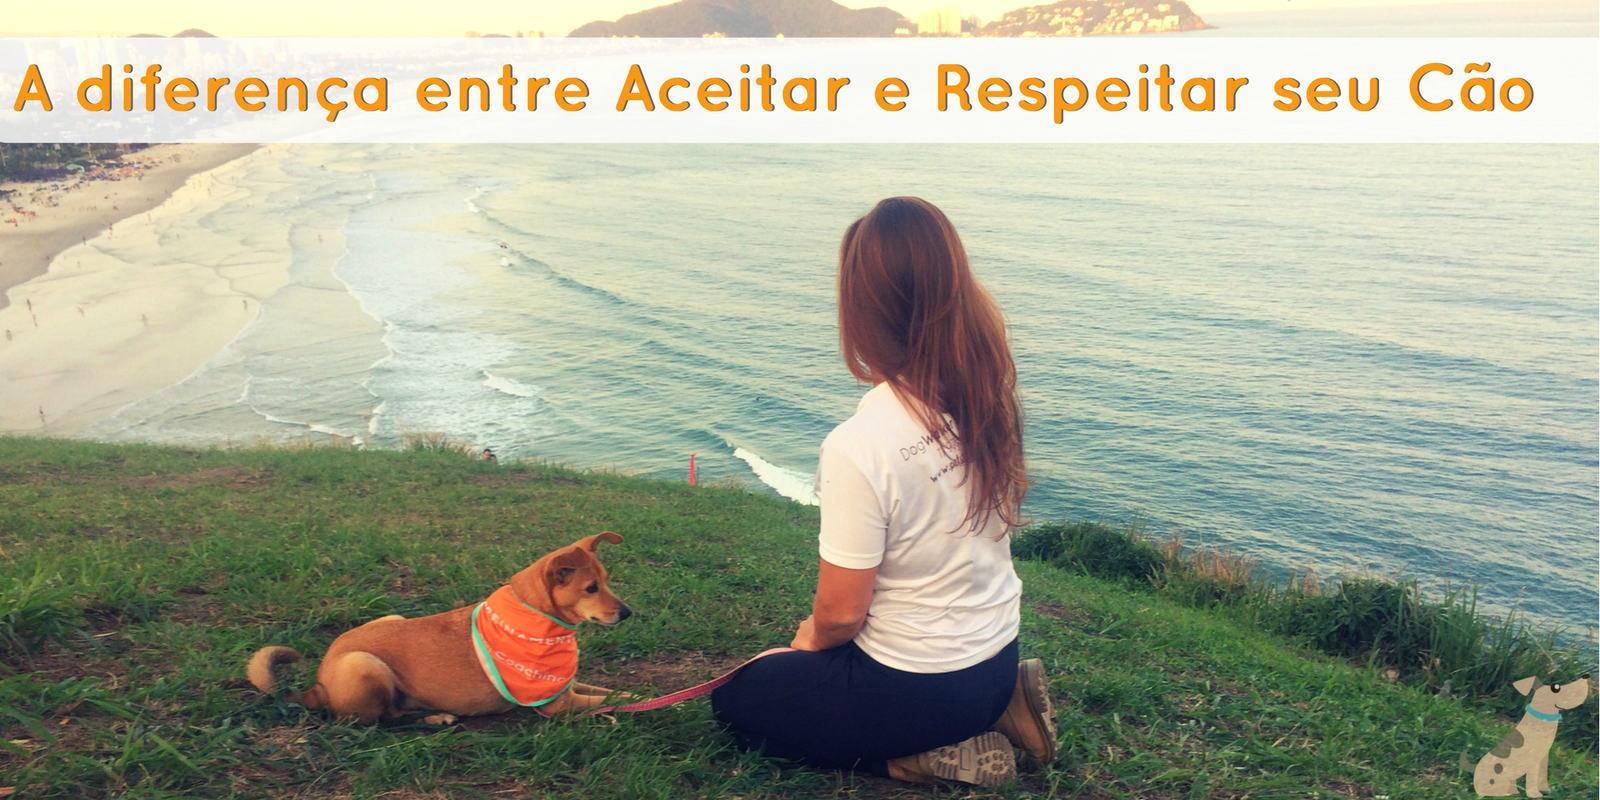 A diferença entre Aceitar e Respeitar seu cão